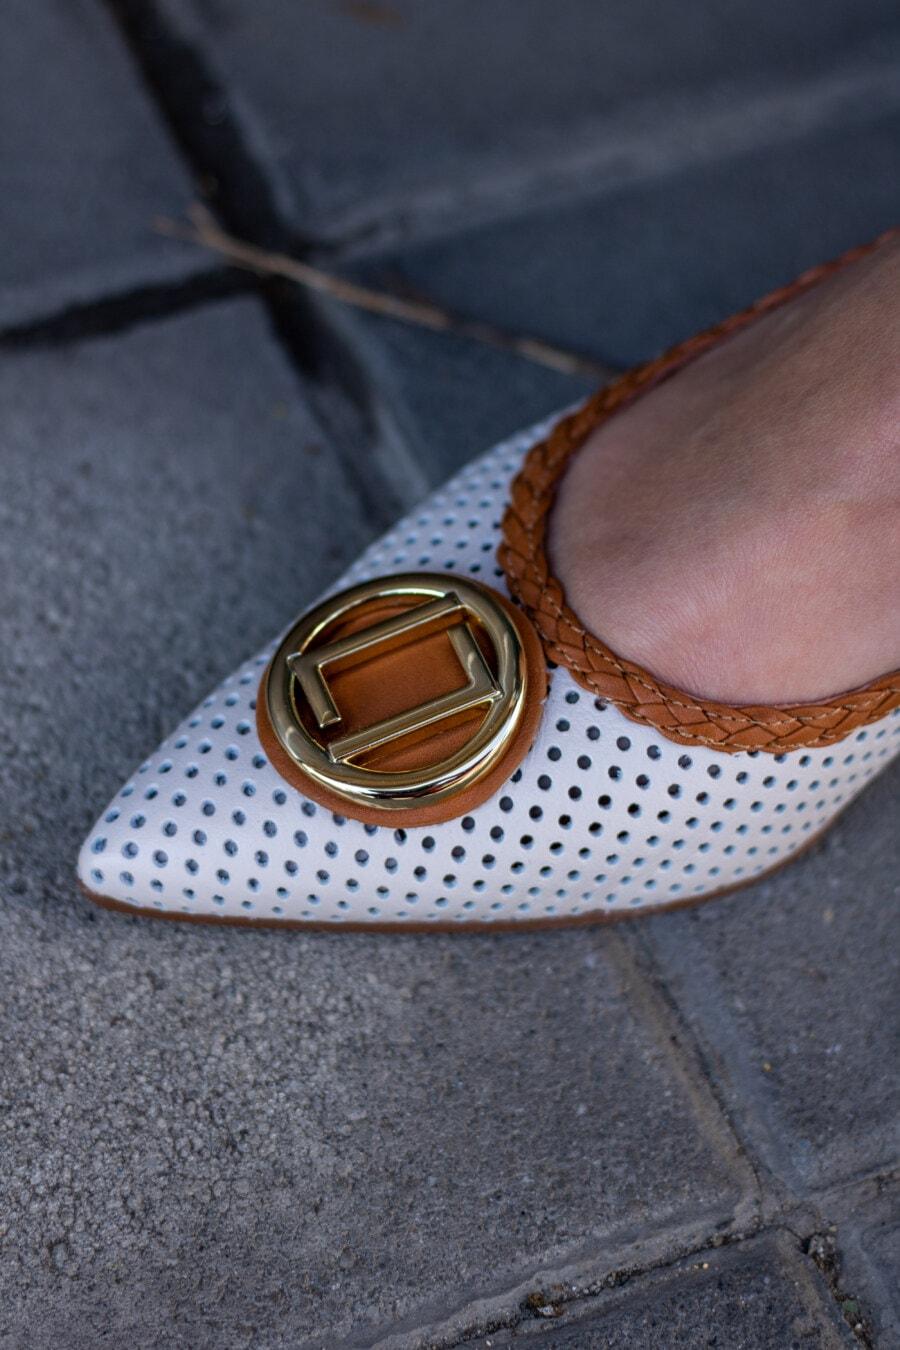 Сандал, крупным планом, золотой блеск, пряжки, элегантный, обувь, чистка обуви, Обувь, фут, моды